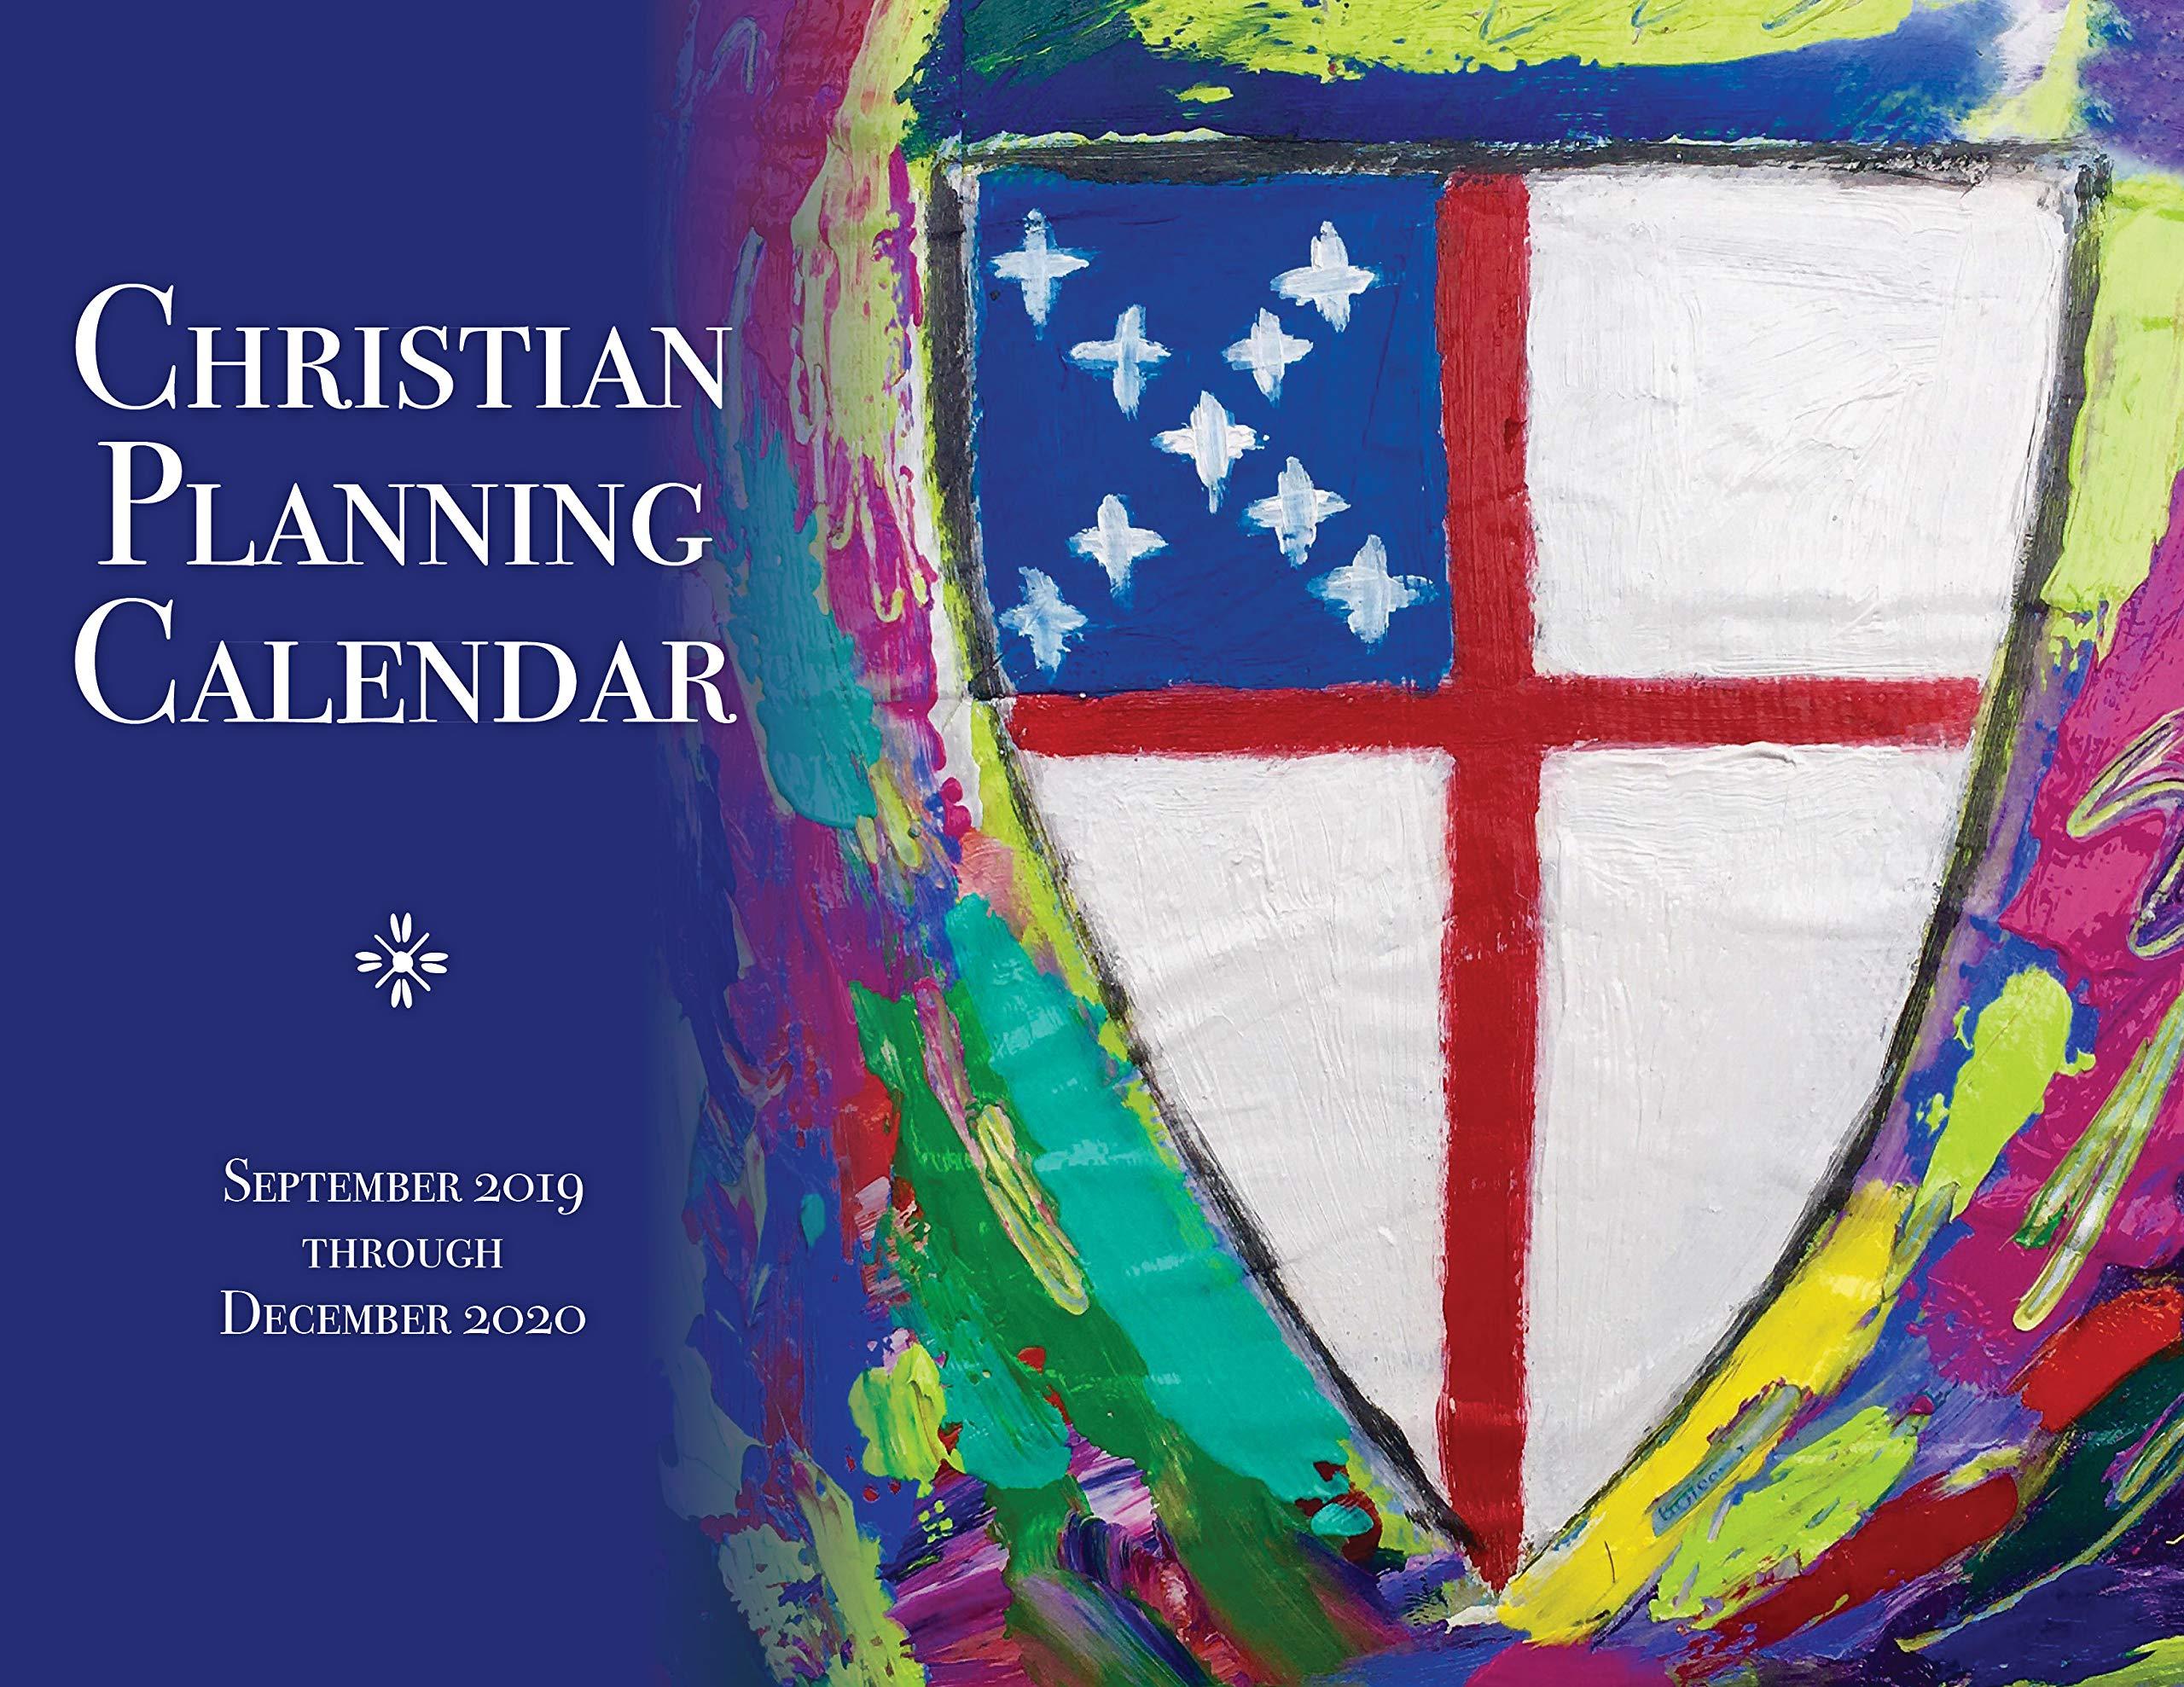 Chrisitan Concert Calendar December 2020 Christian Planning Calendar 2019 2020: September 2019 through